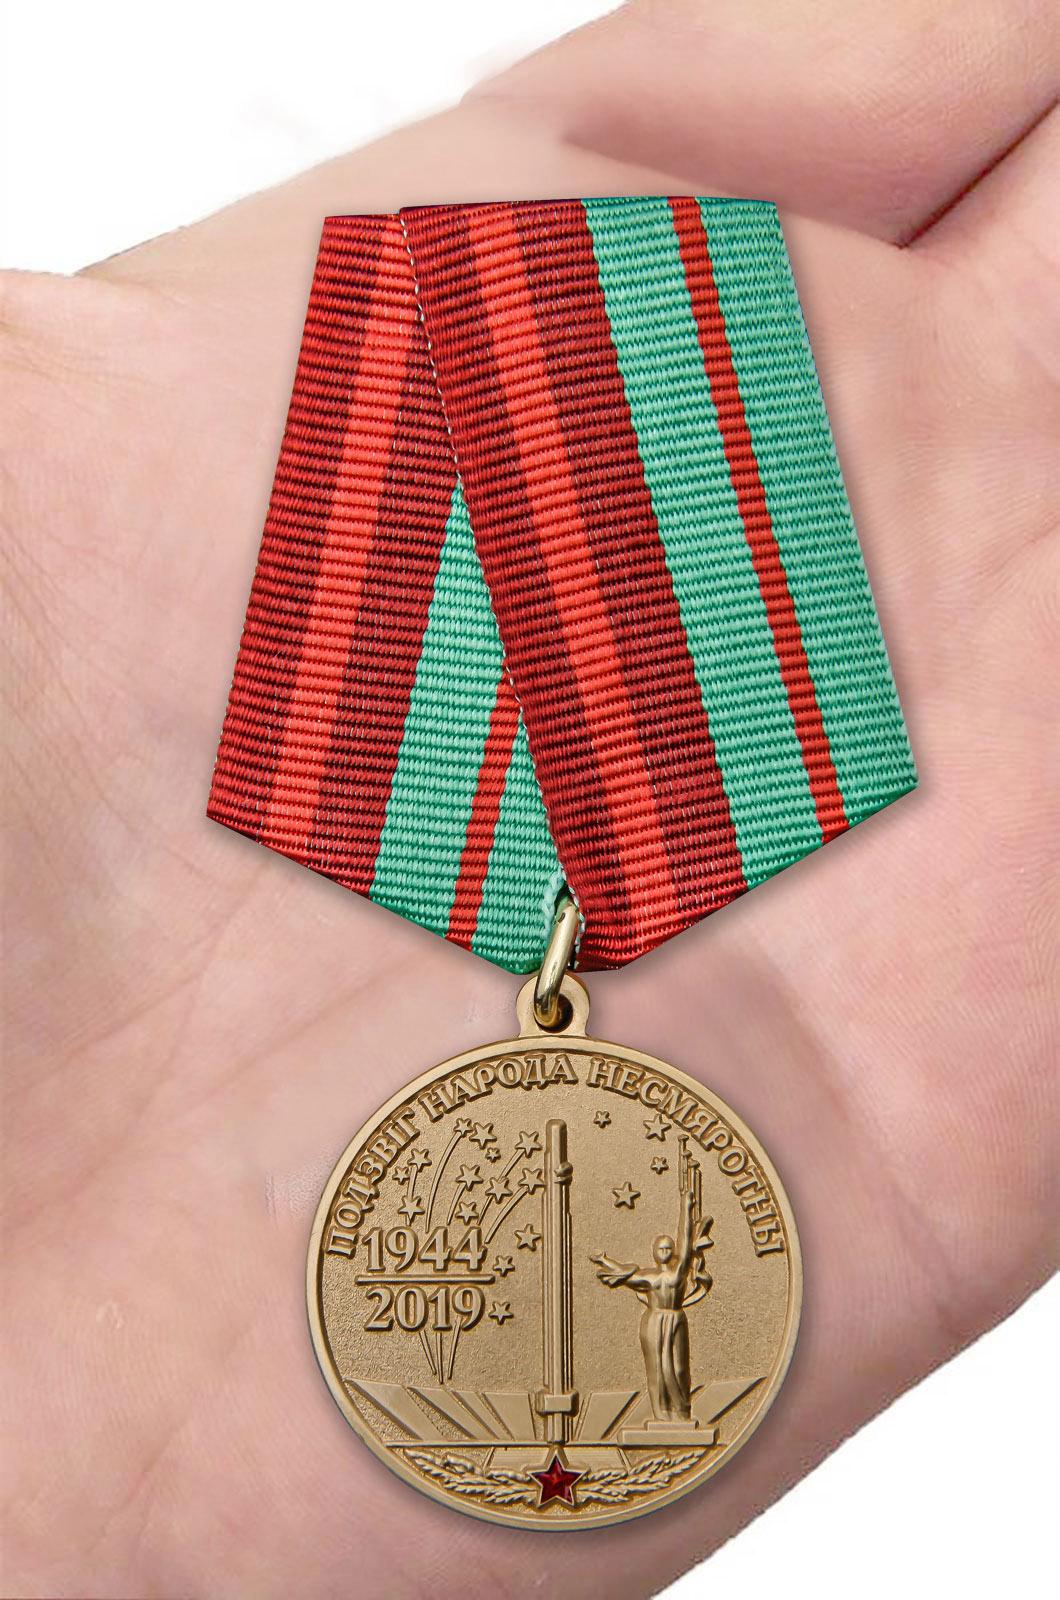 Юбилейная медаль 75 лет освобождения Беларуси от немецко-фашистских захватчиков - вид на ладони